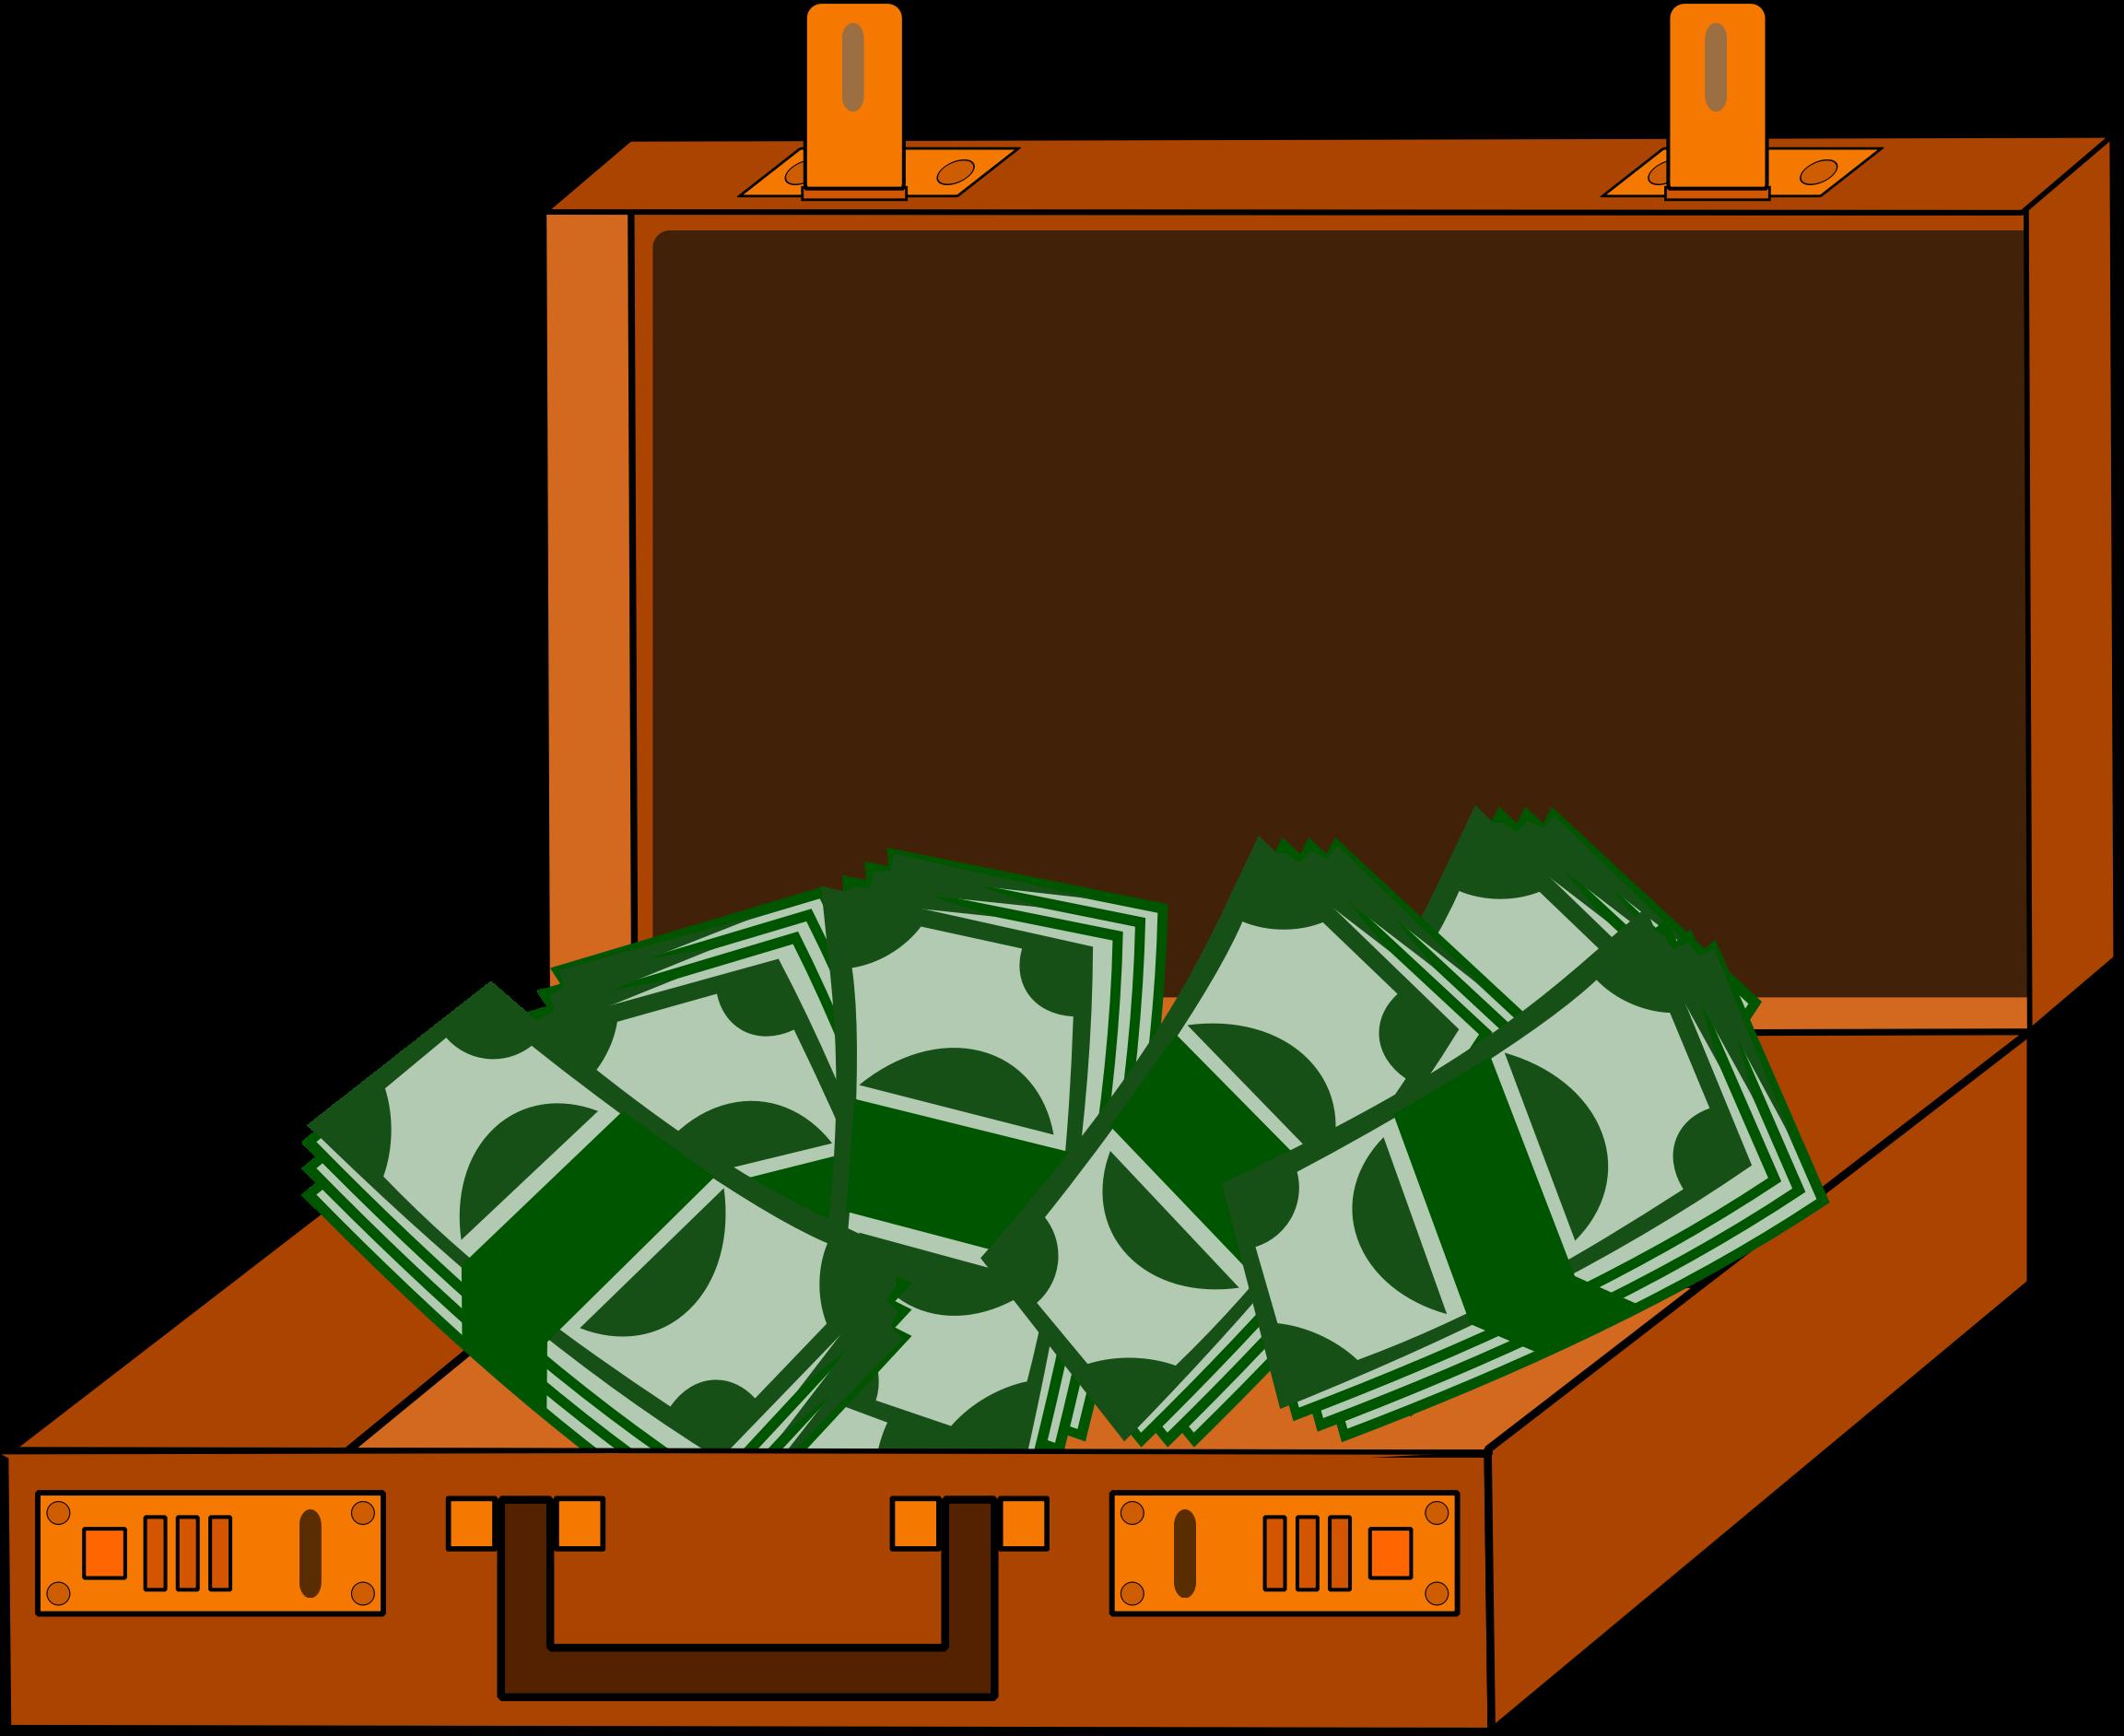 Cash big image png. Briefcase clipart money